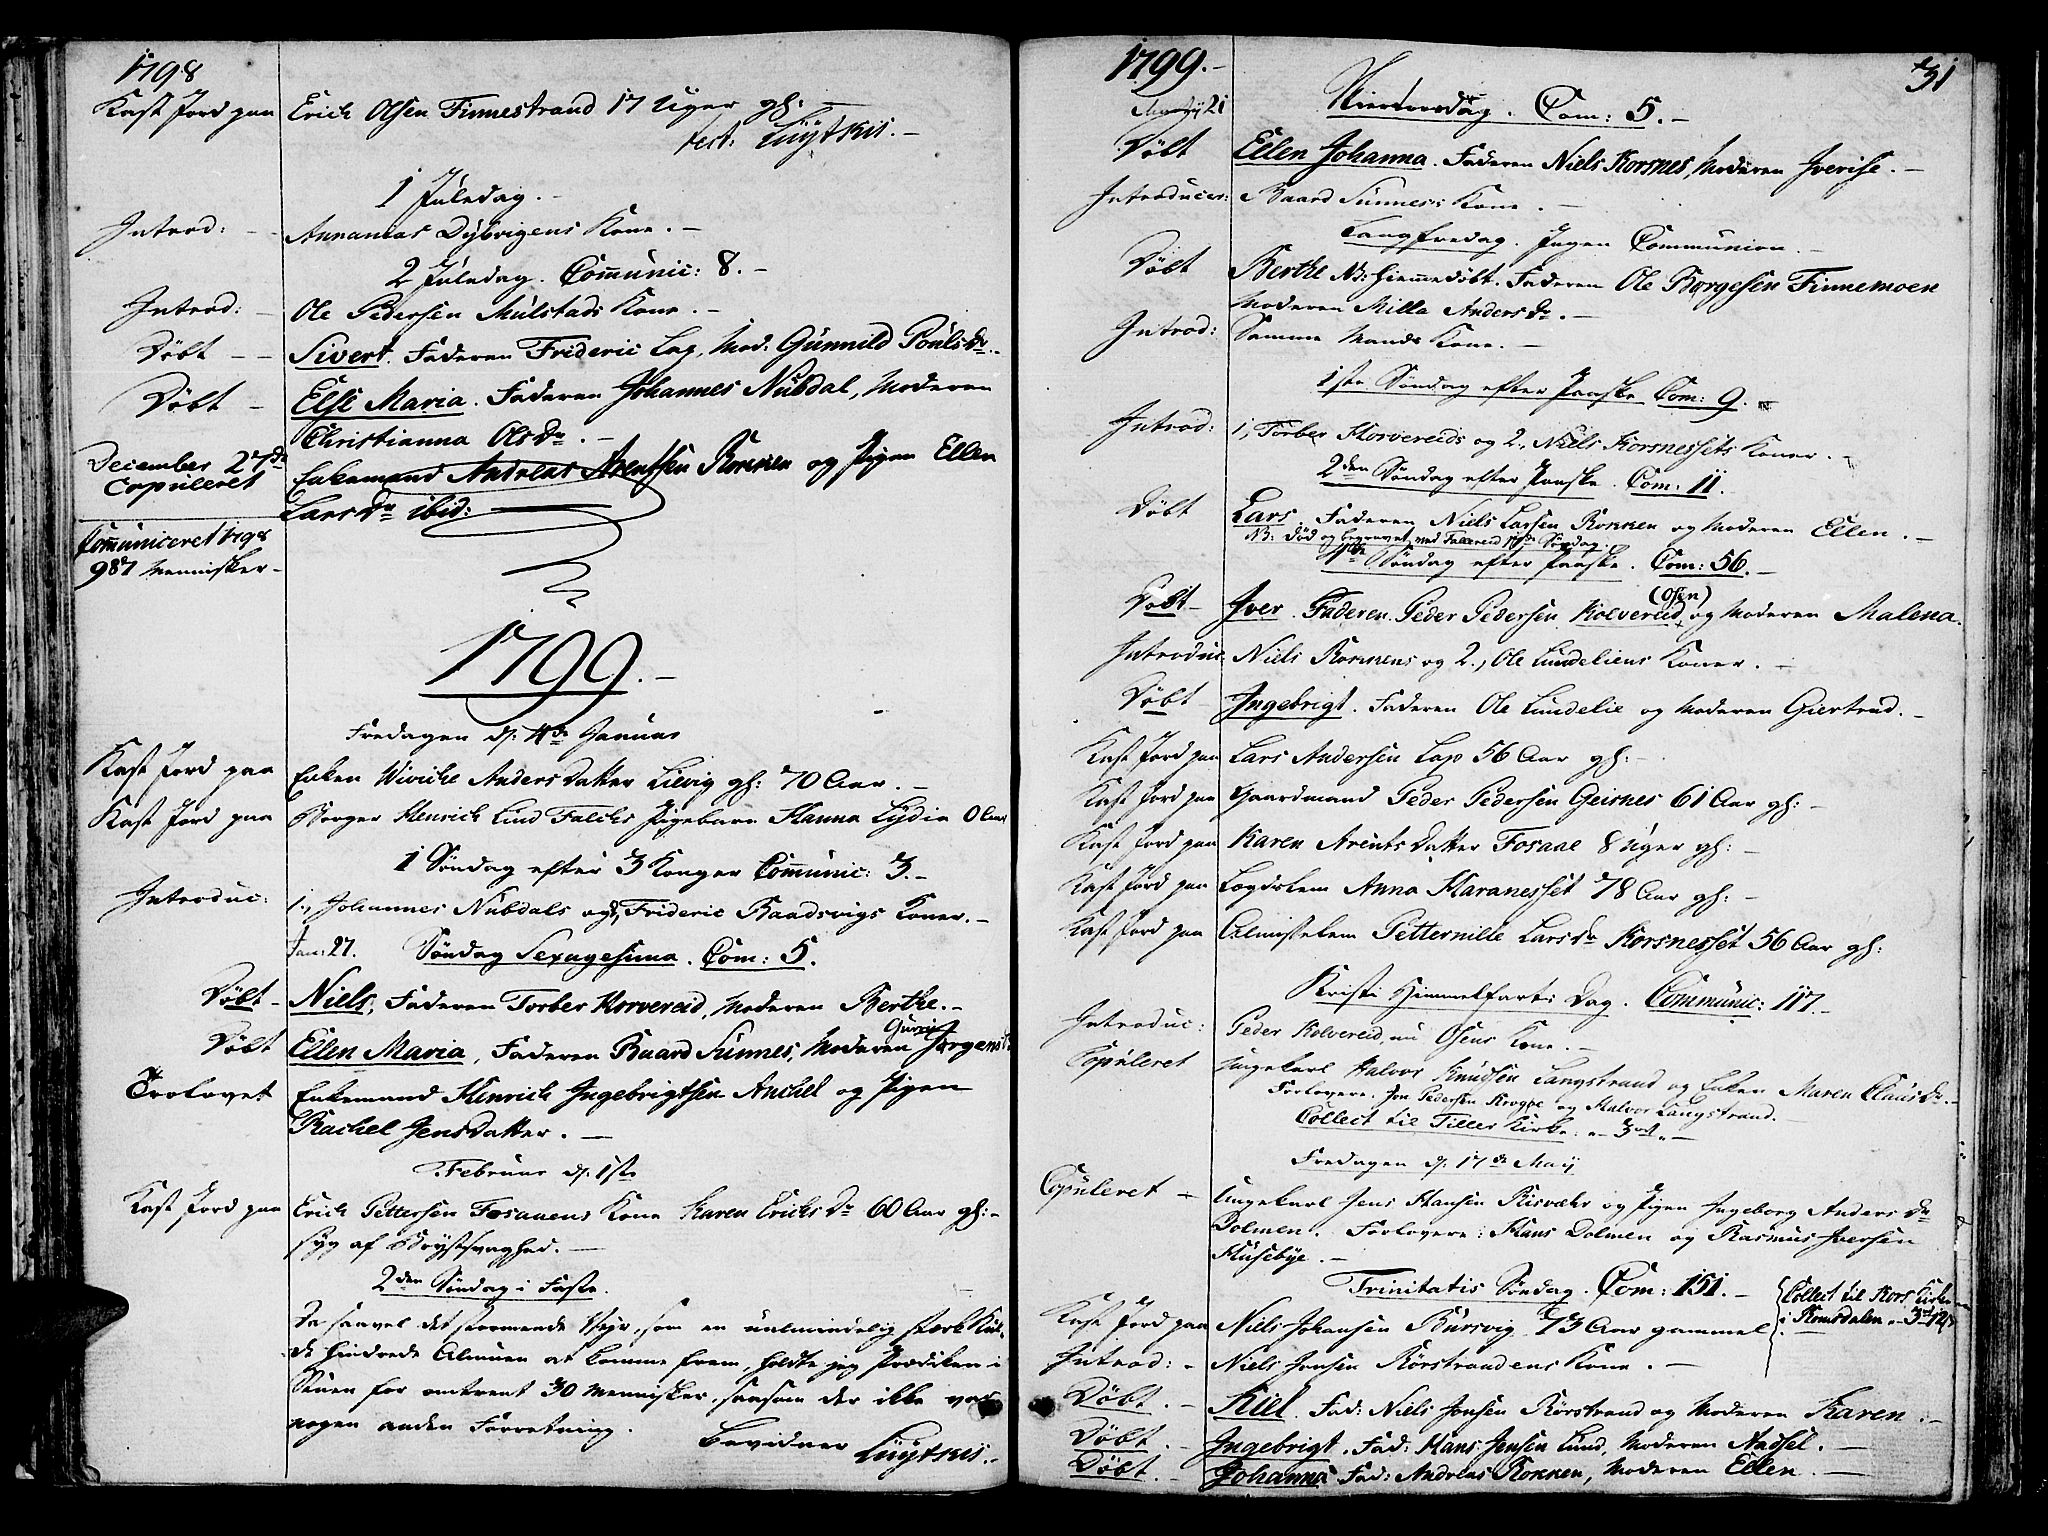 SAT, Ministerialprotokoller, klokkerbøker og fødselsregistre - Nord-Trøndelag, 780/L0633: Ministerialbok nr. 780A02 /1, 1787-1814, s. 31